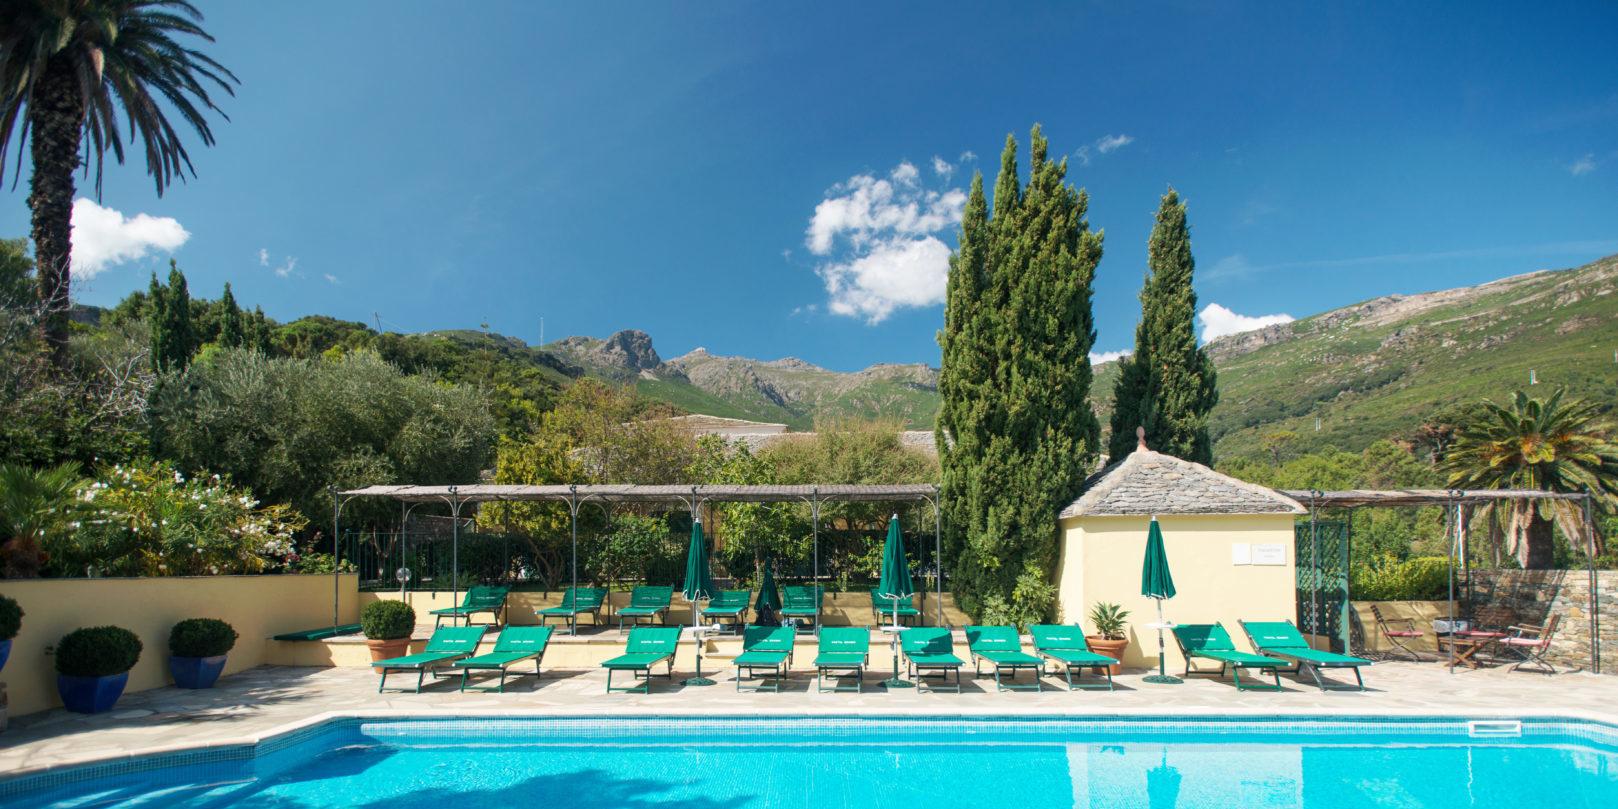 Hotel Demeure Castel Brando Erbalunga Cap Corse Corsica Frankrijk zwembad ligbedden ontdekcorsica.nl skimaquis reisorganisatie